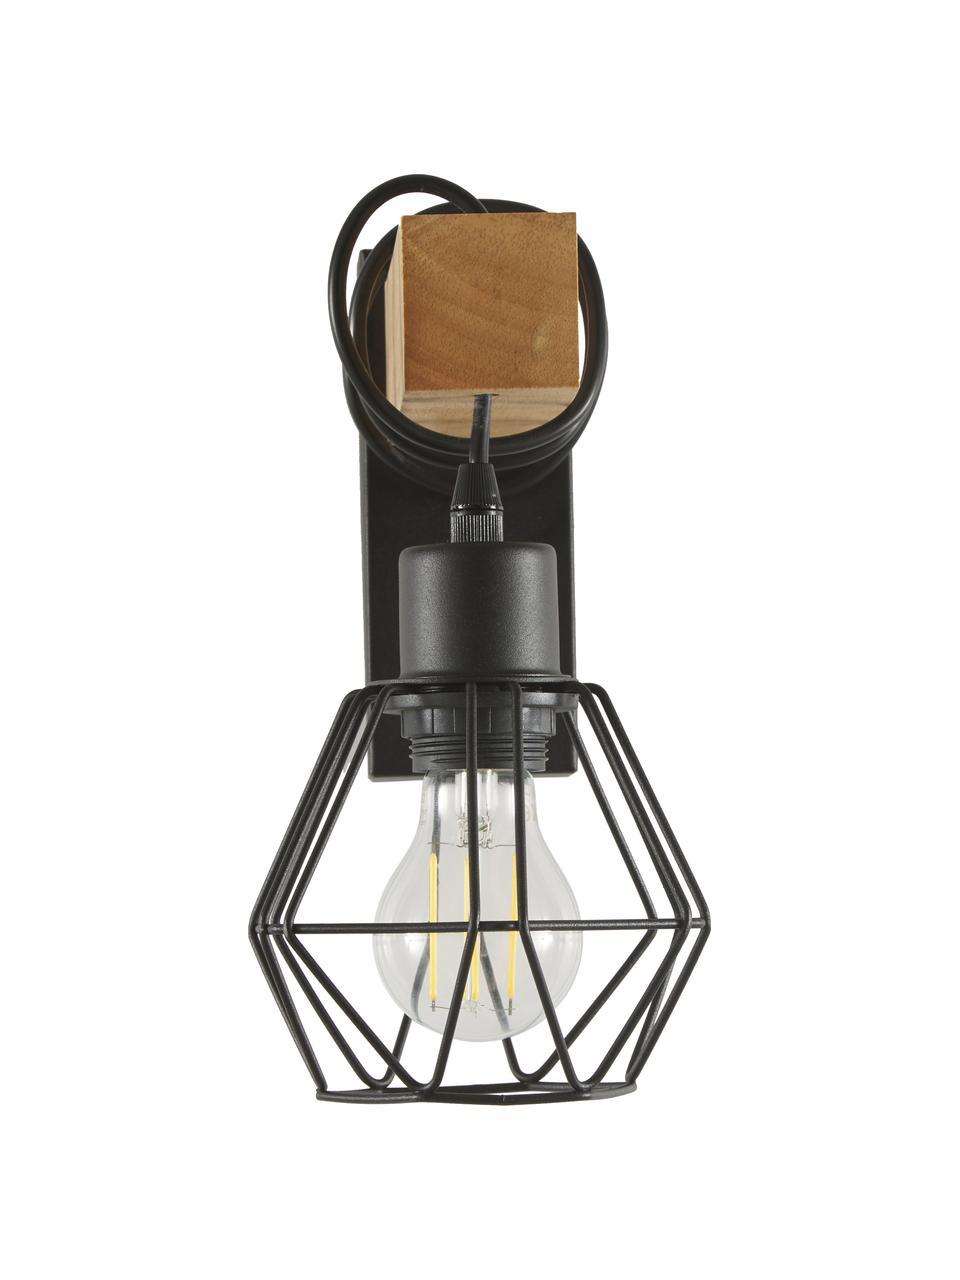 Wandleuchte Townshend im Industrial-Style, Lampenschirm: Metall, beschichtet, Gestell: Holz, Schwarz, Holz, 14 x 25 cm